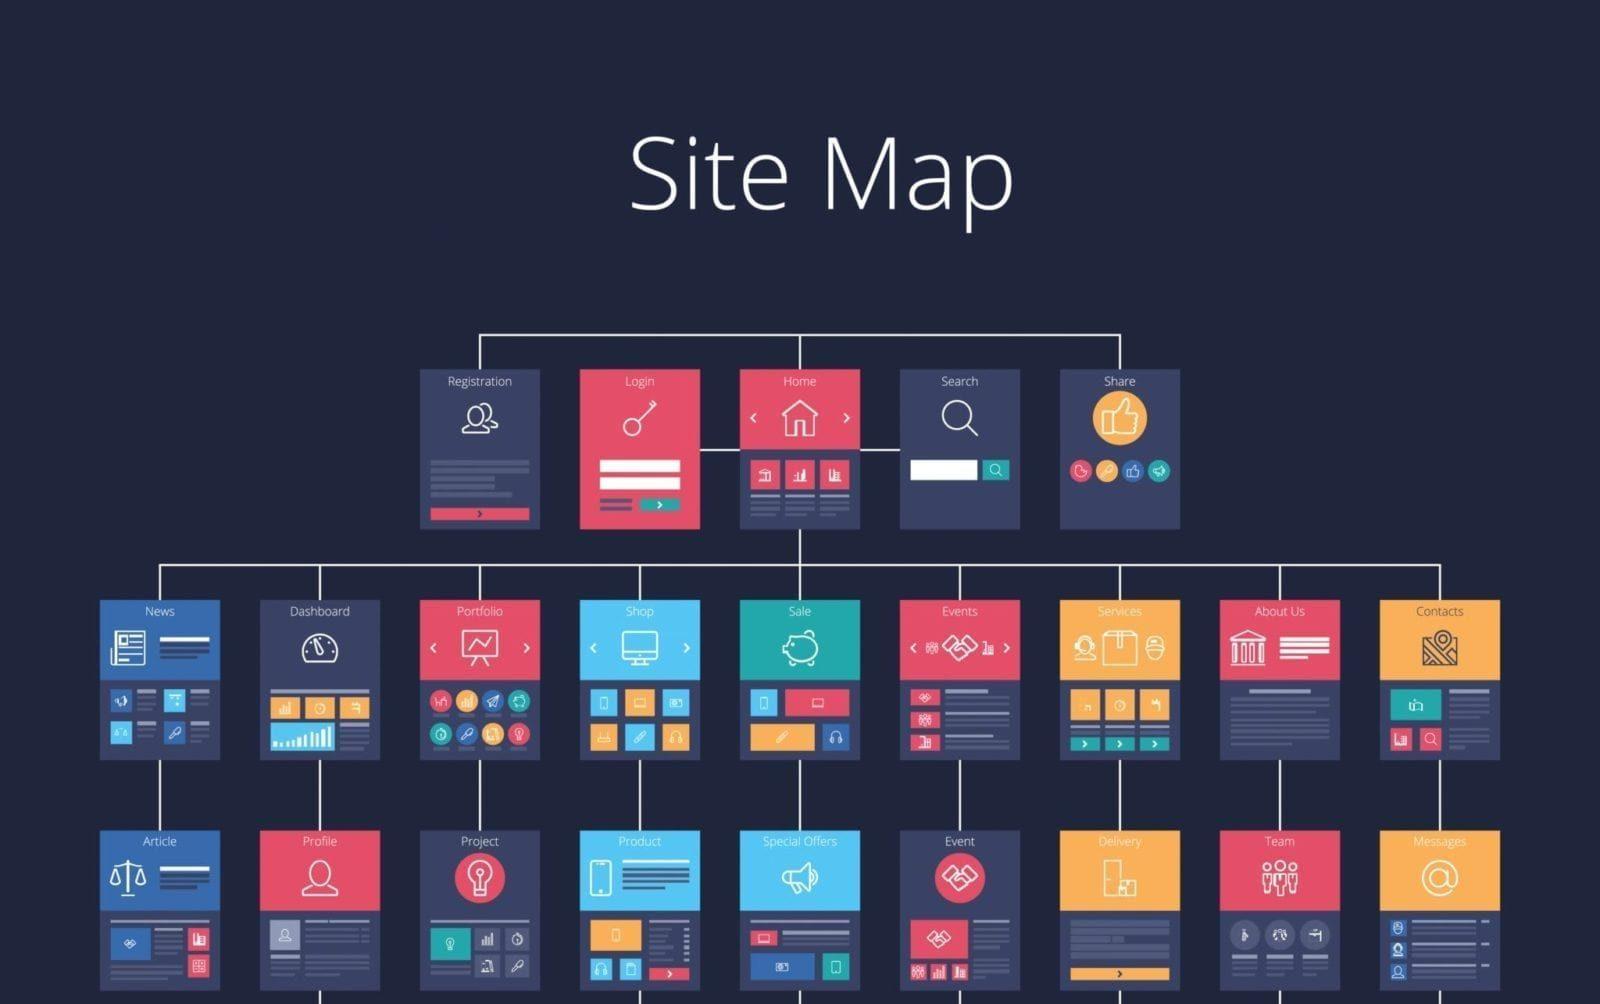 Bir web sitesi tasarlamadan önce site haritası oluşturmak için 5 neden